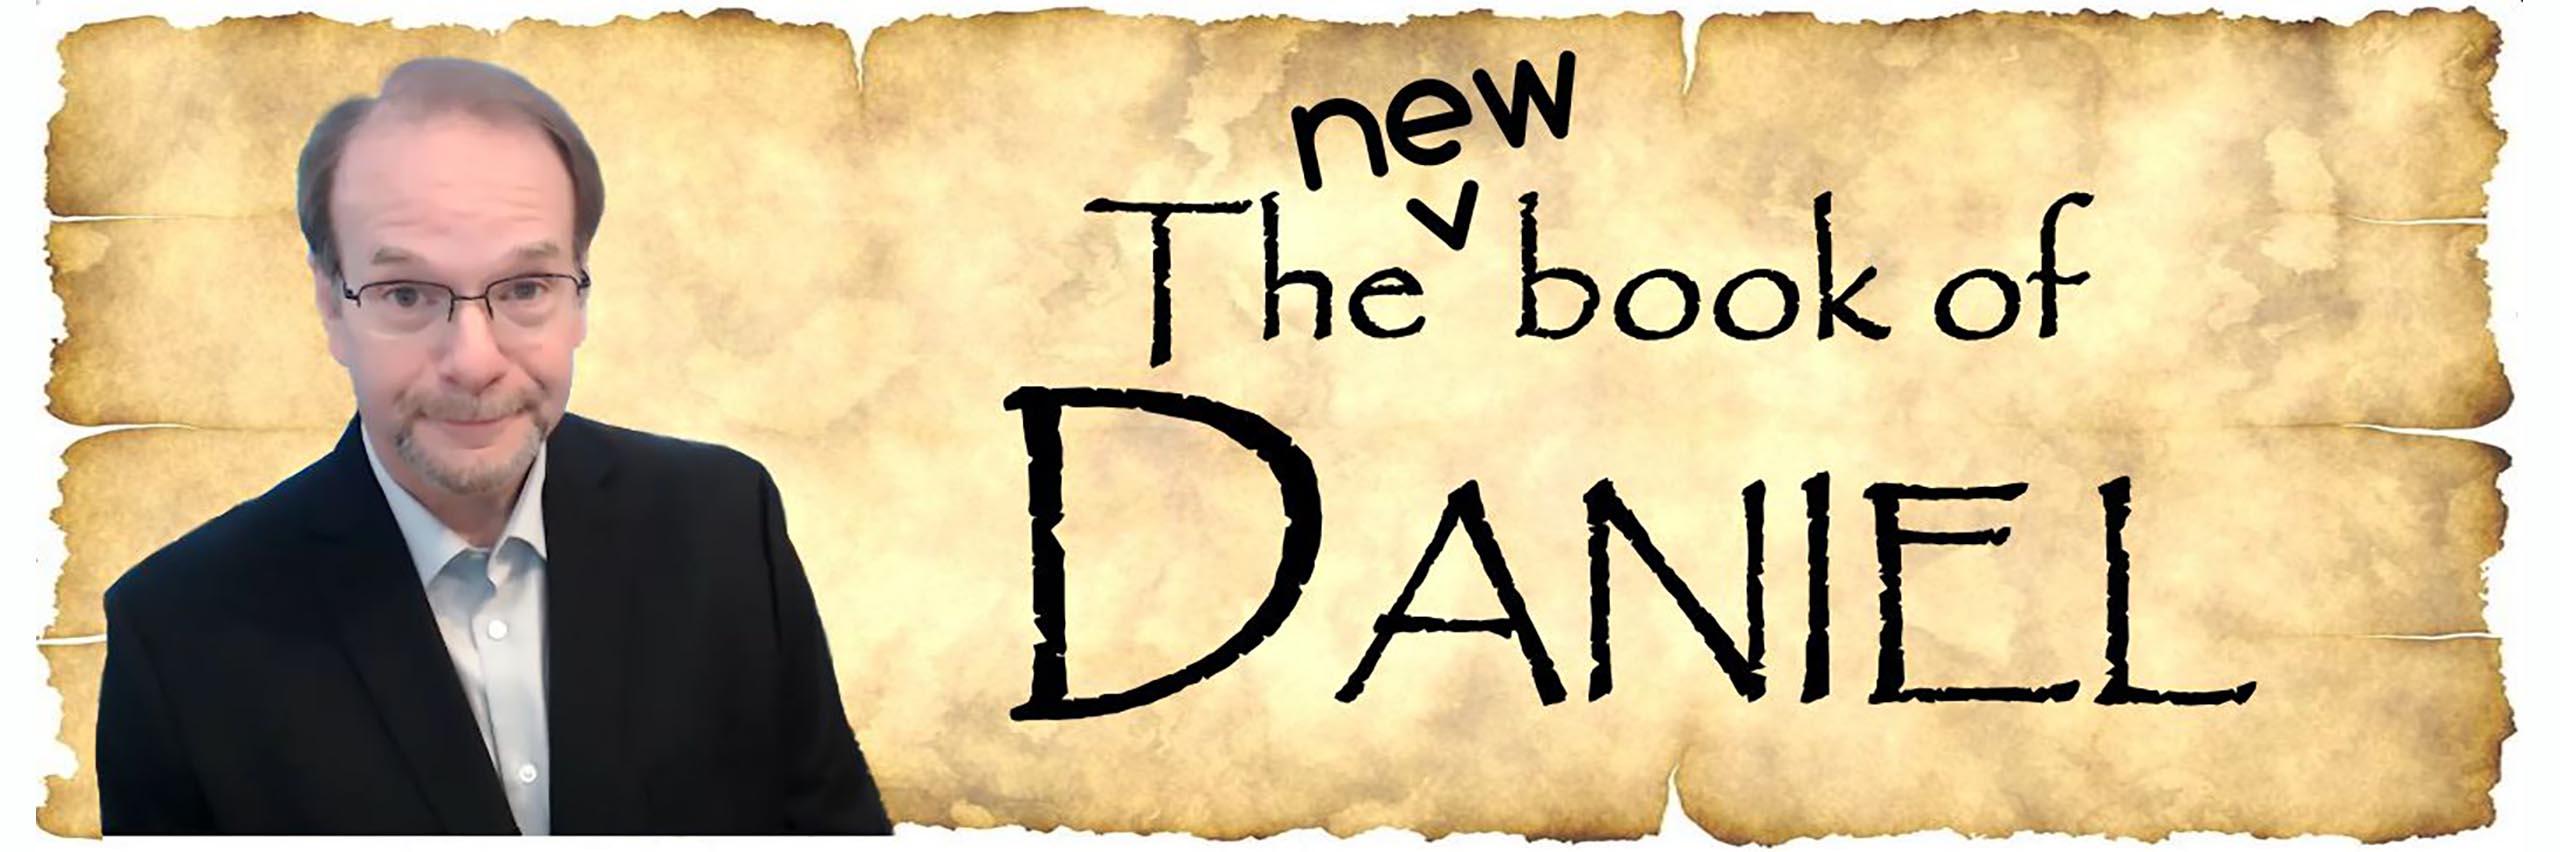 NewBookofDaniel_header2-1